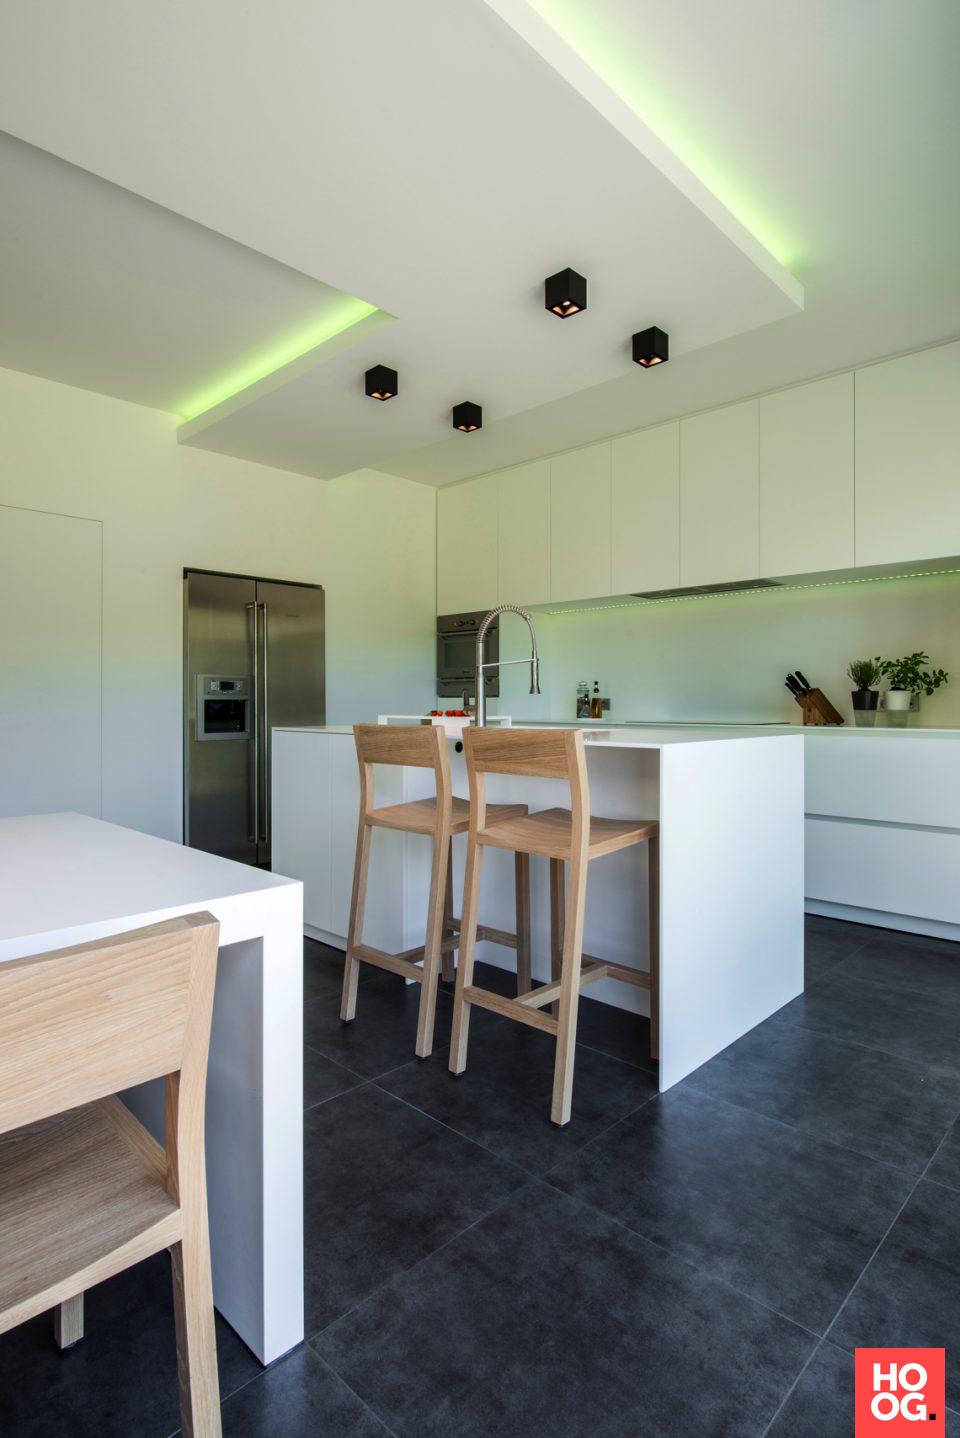 interieurbureau-cr33mers-renovatie-keuken-woonkamer-tessenderlo-8 ...